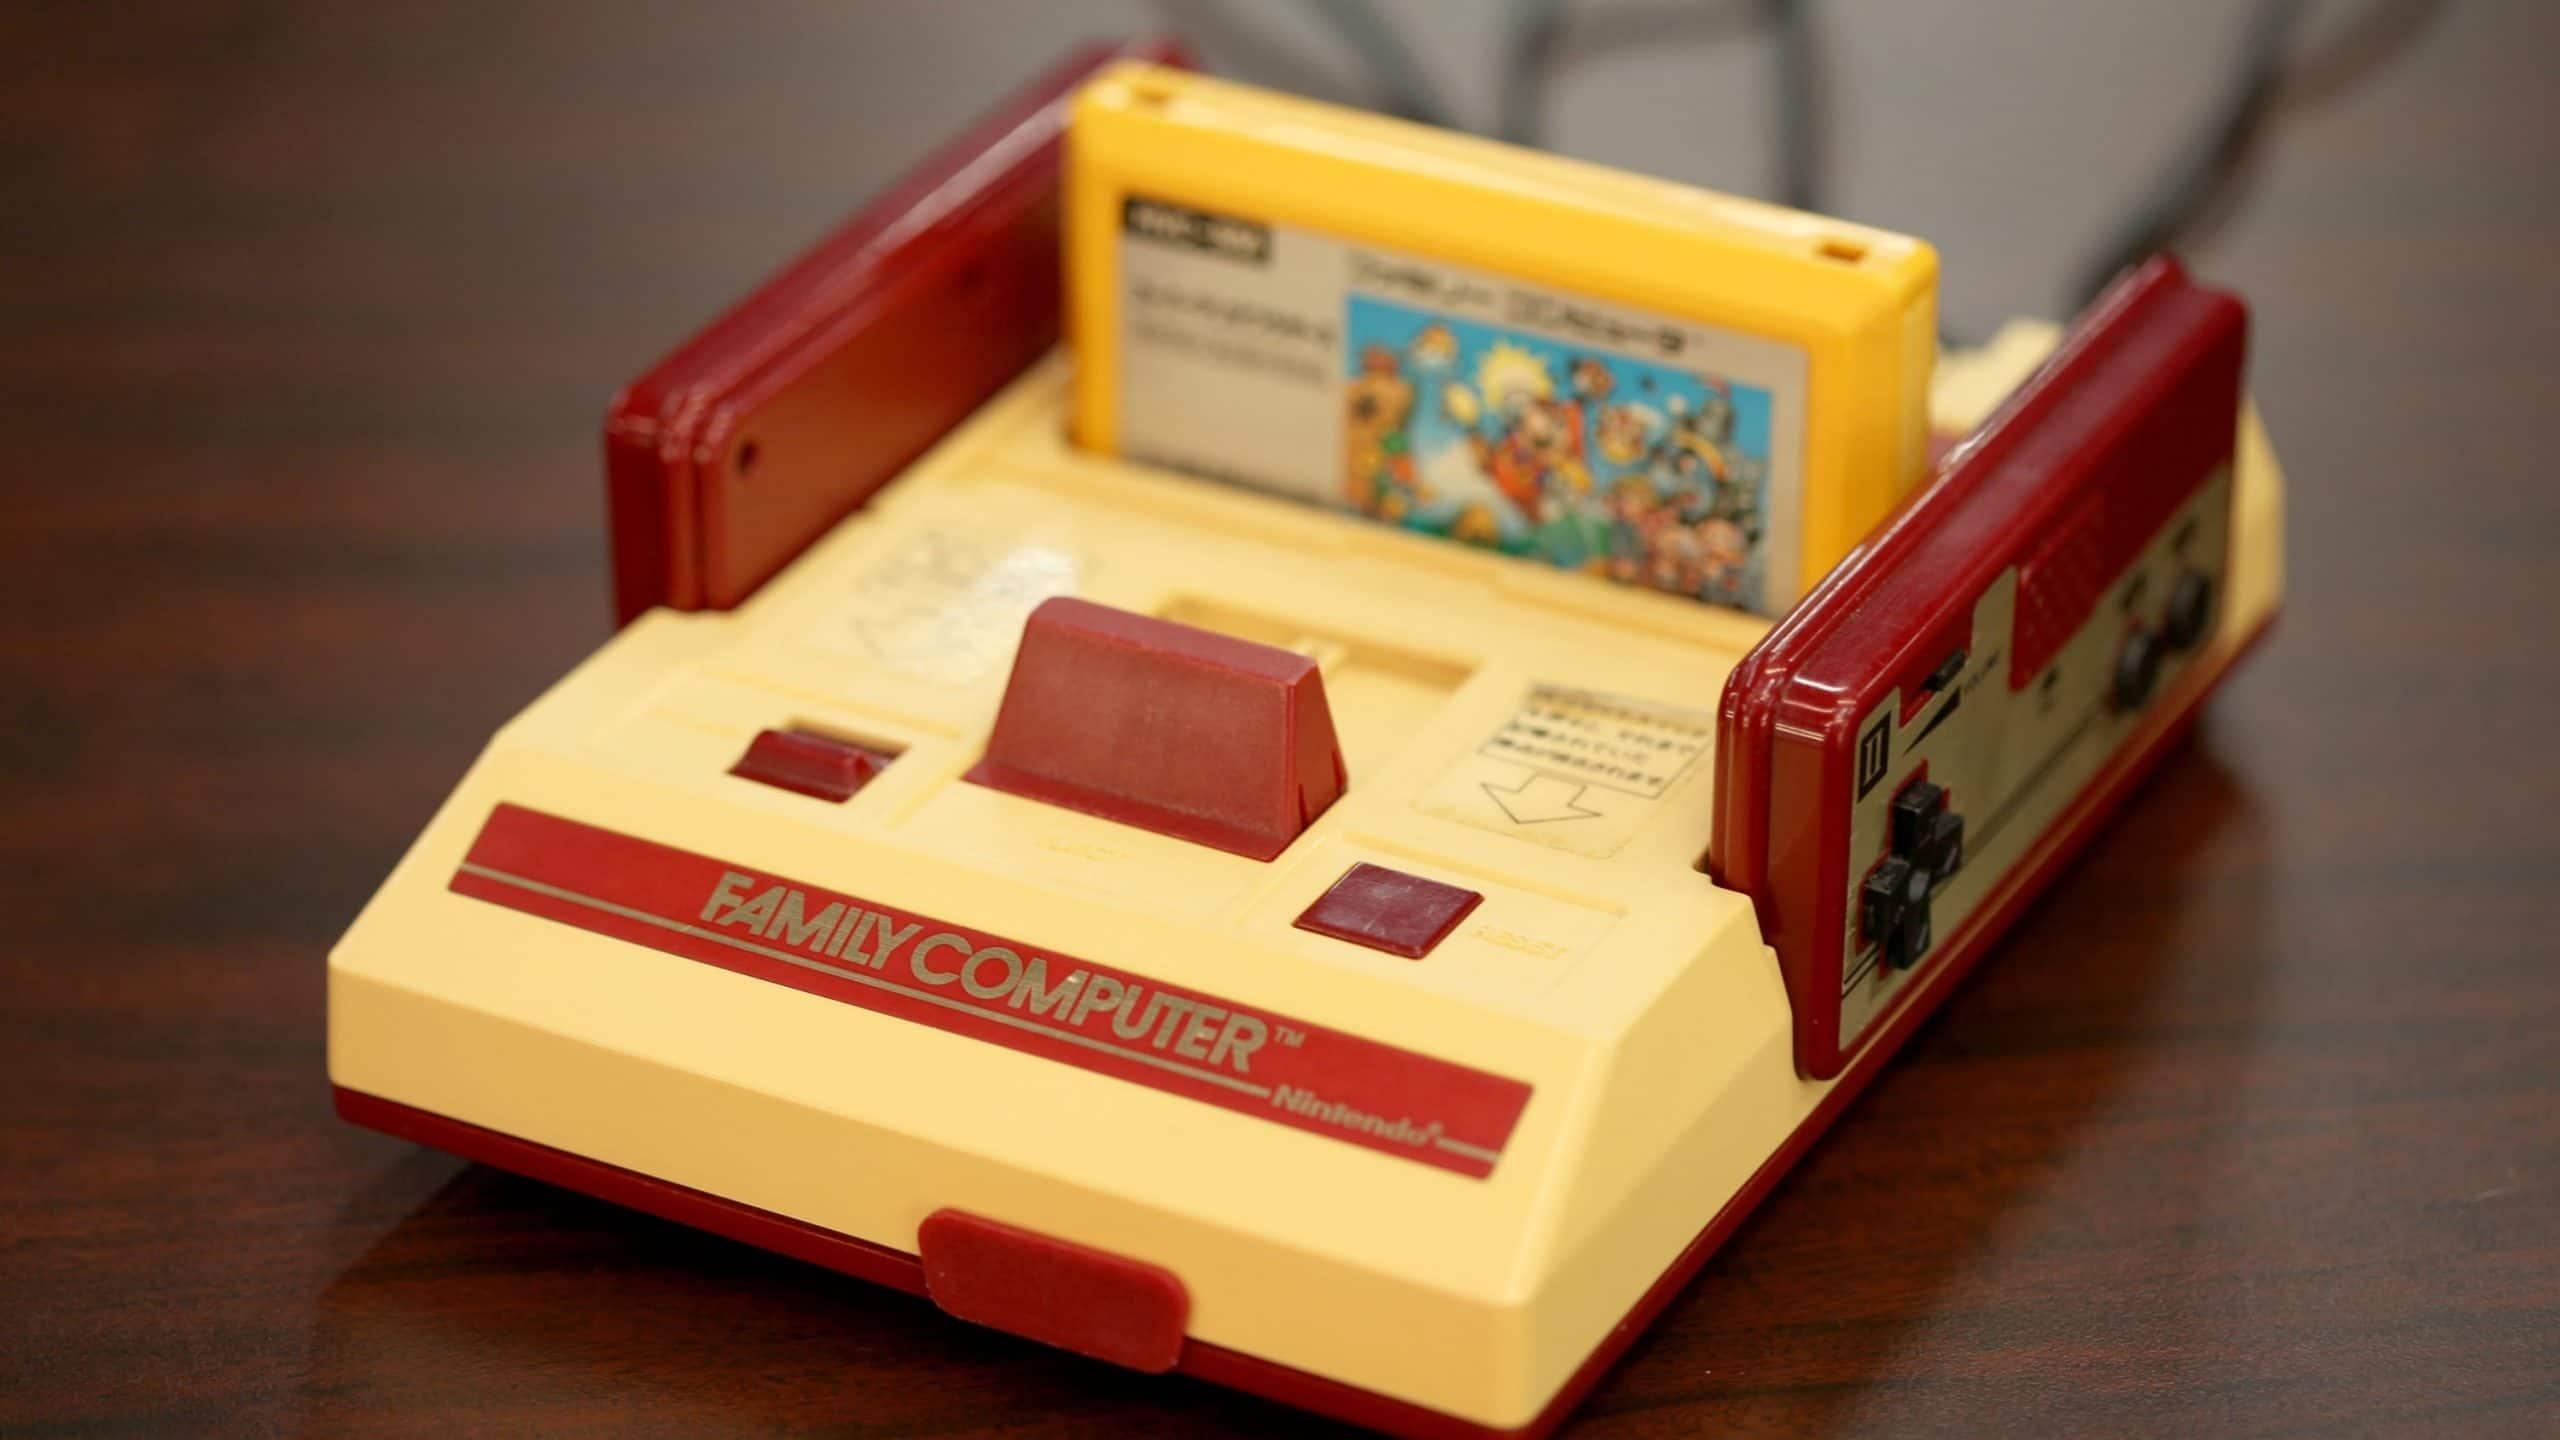 La evolución de las consolas de videojuegos a través del tiempo 27